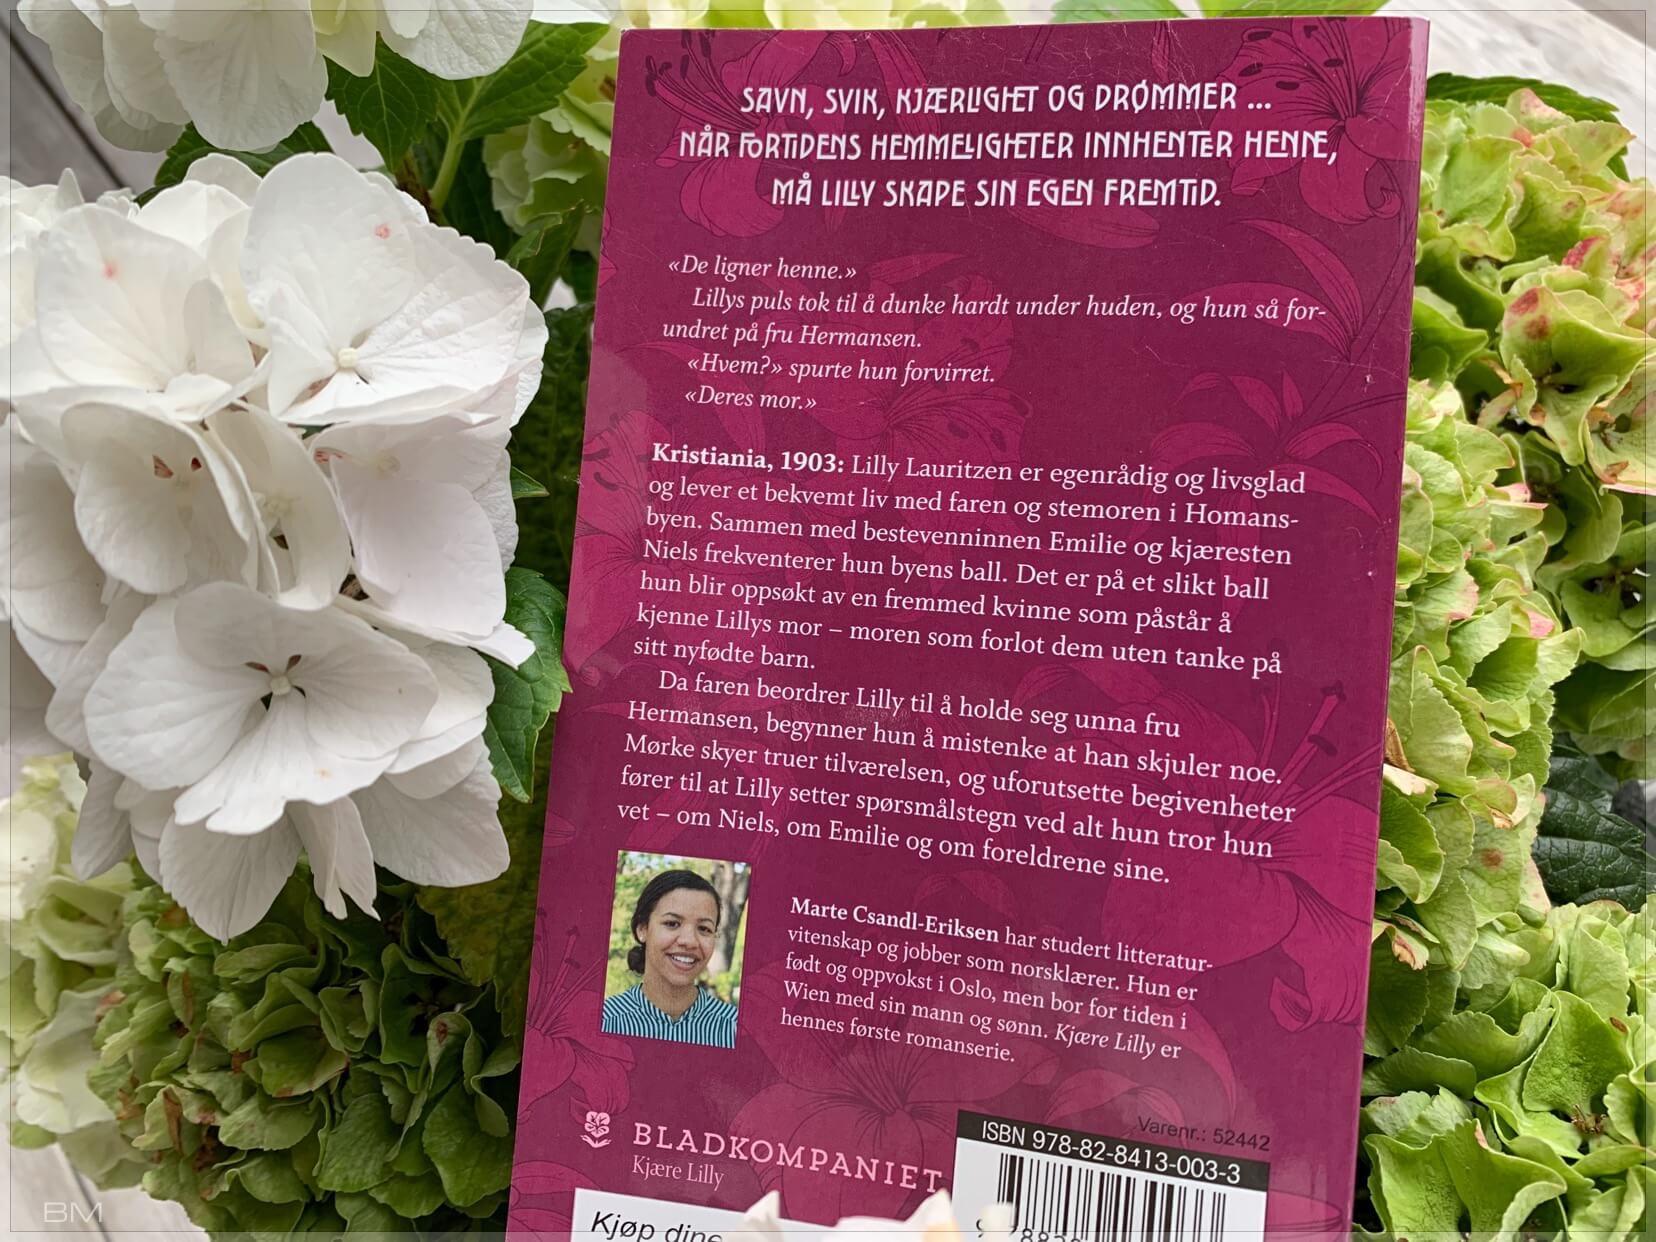 Serieromanen Kjære Lilly. Omtale av jernbanefrua.